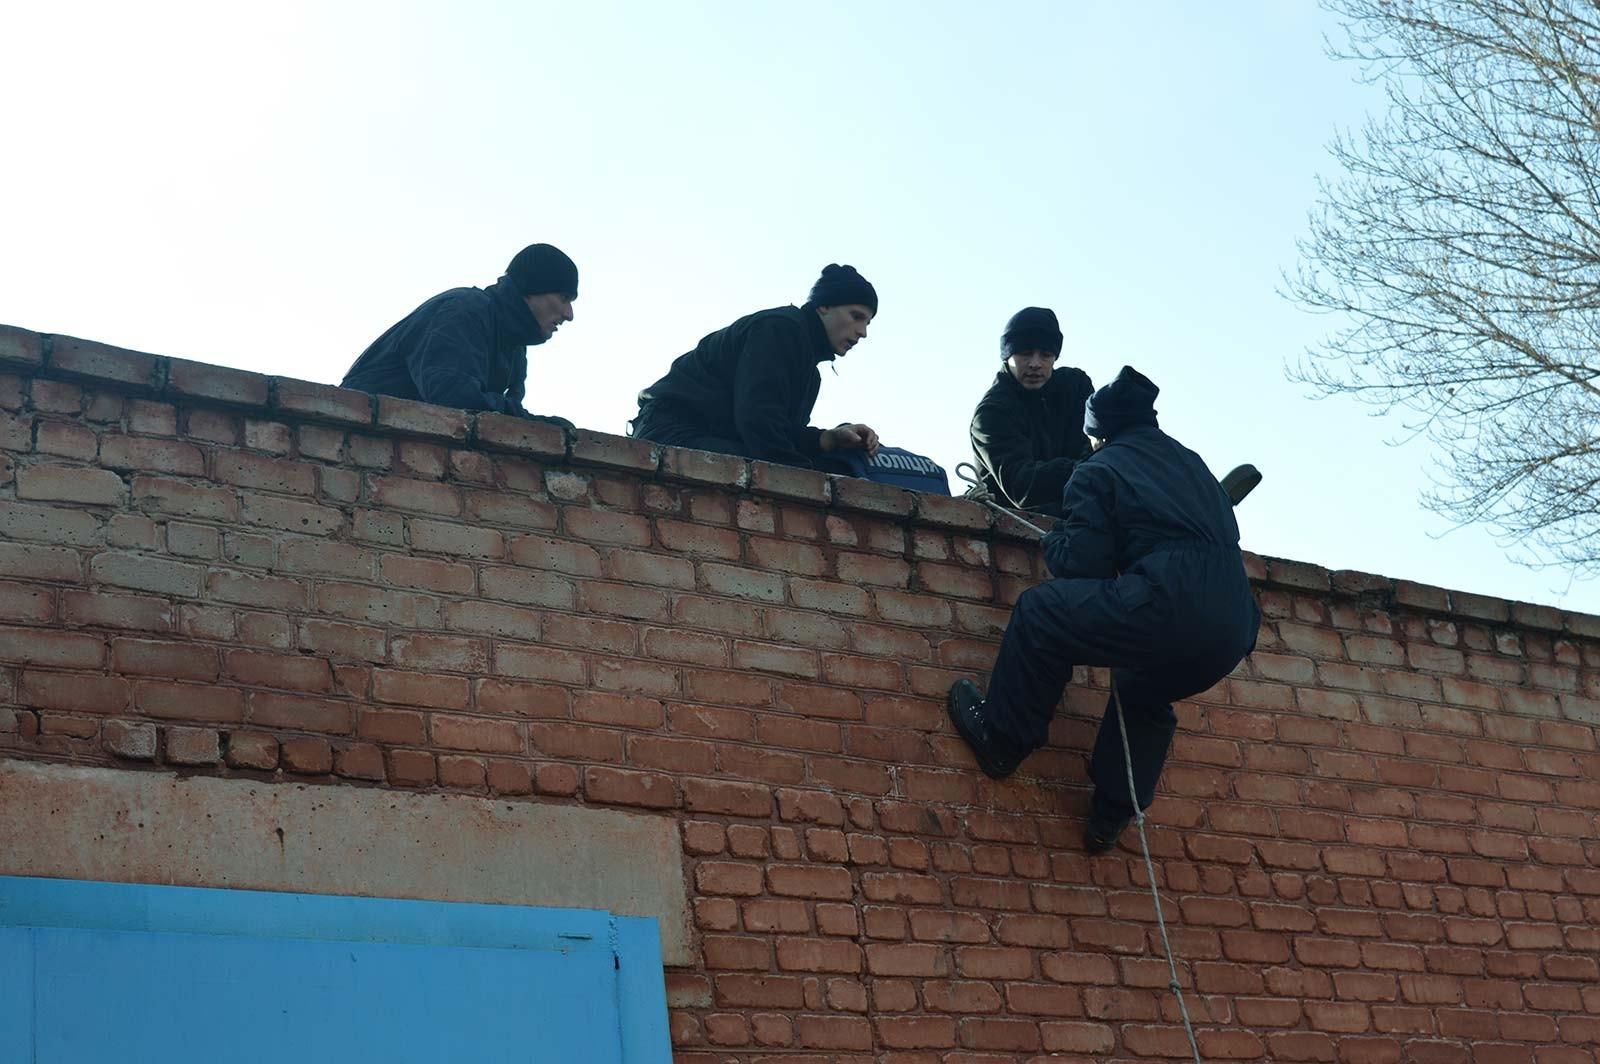 Цього разу на день відкритих дверей керівництво факультету ДДУВС запросили штурмову групу патрульної поліції м. Кривого Рогу